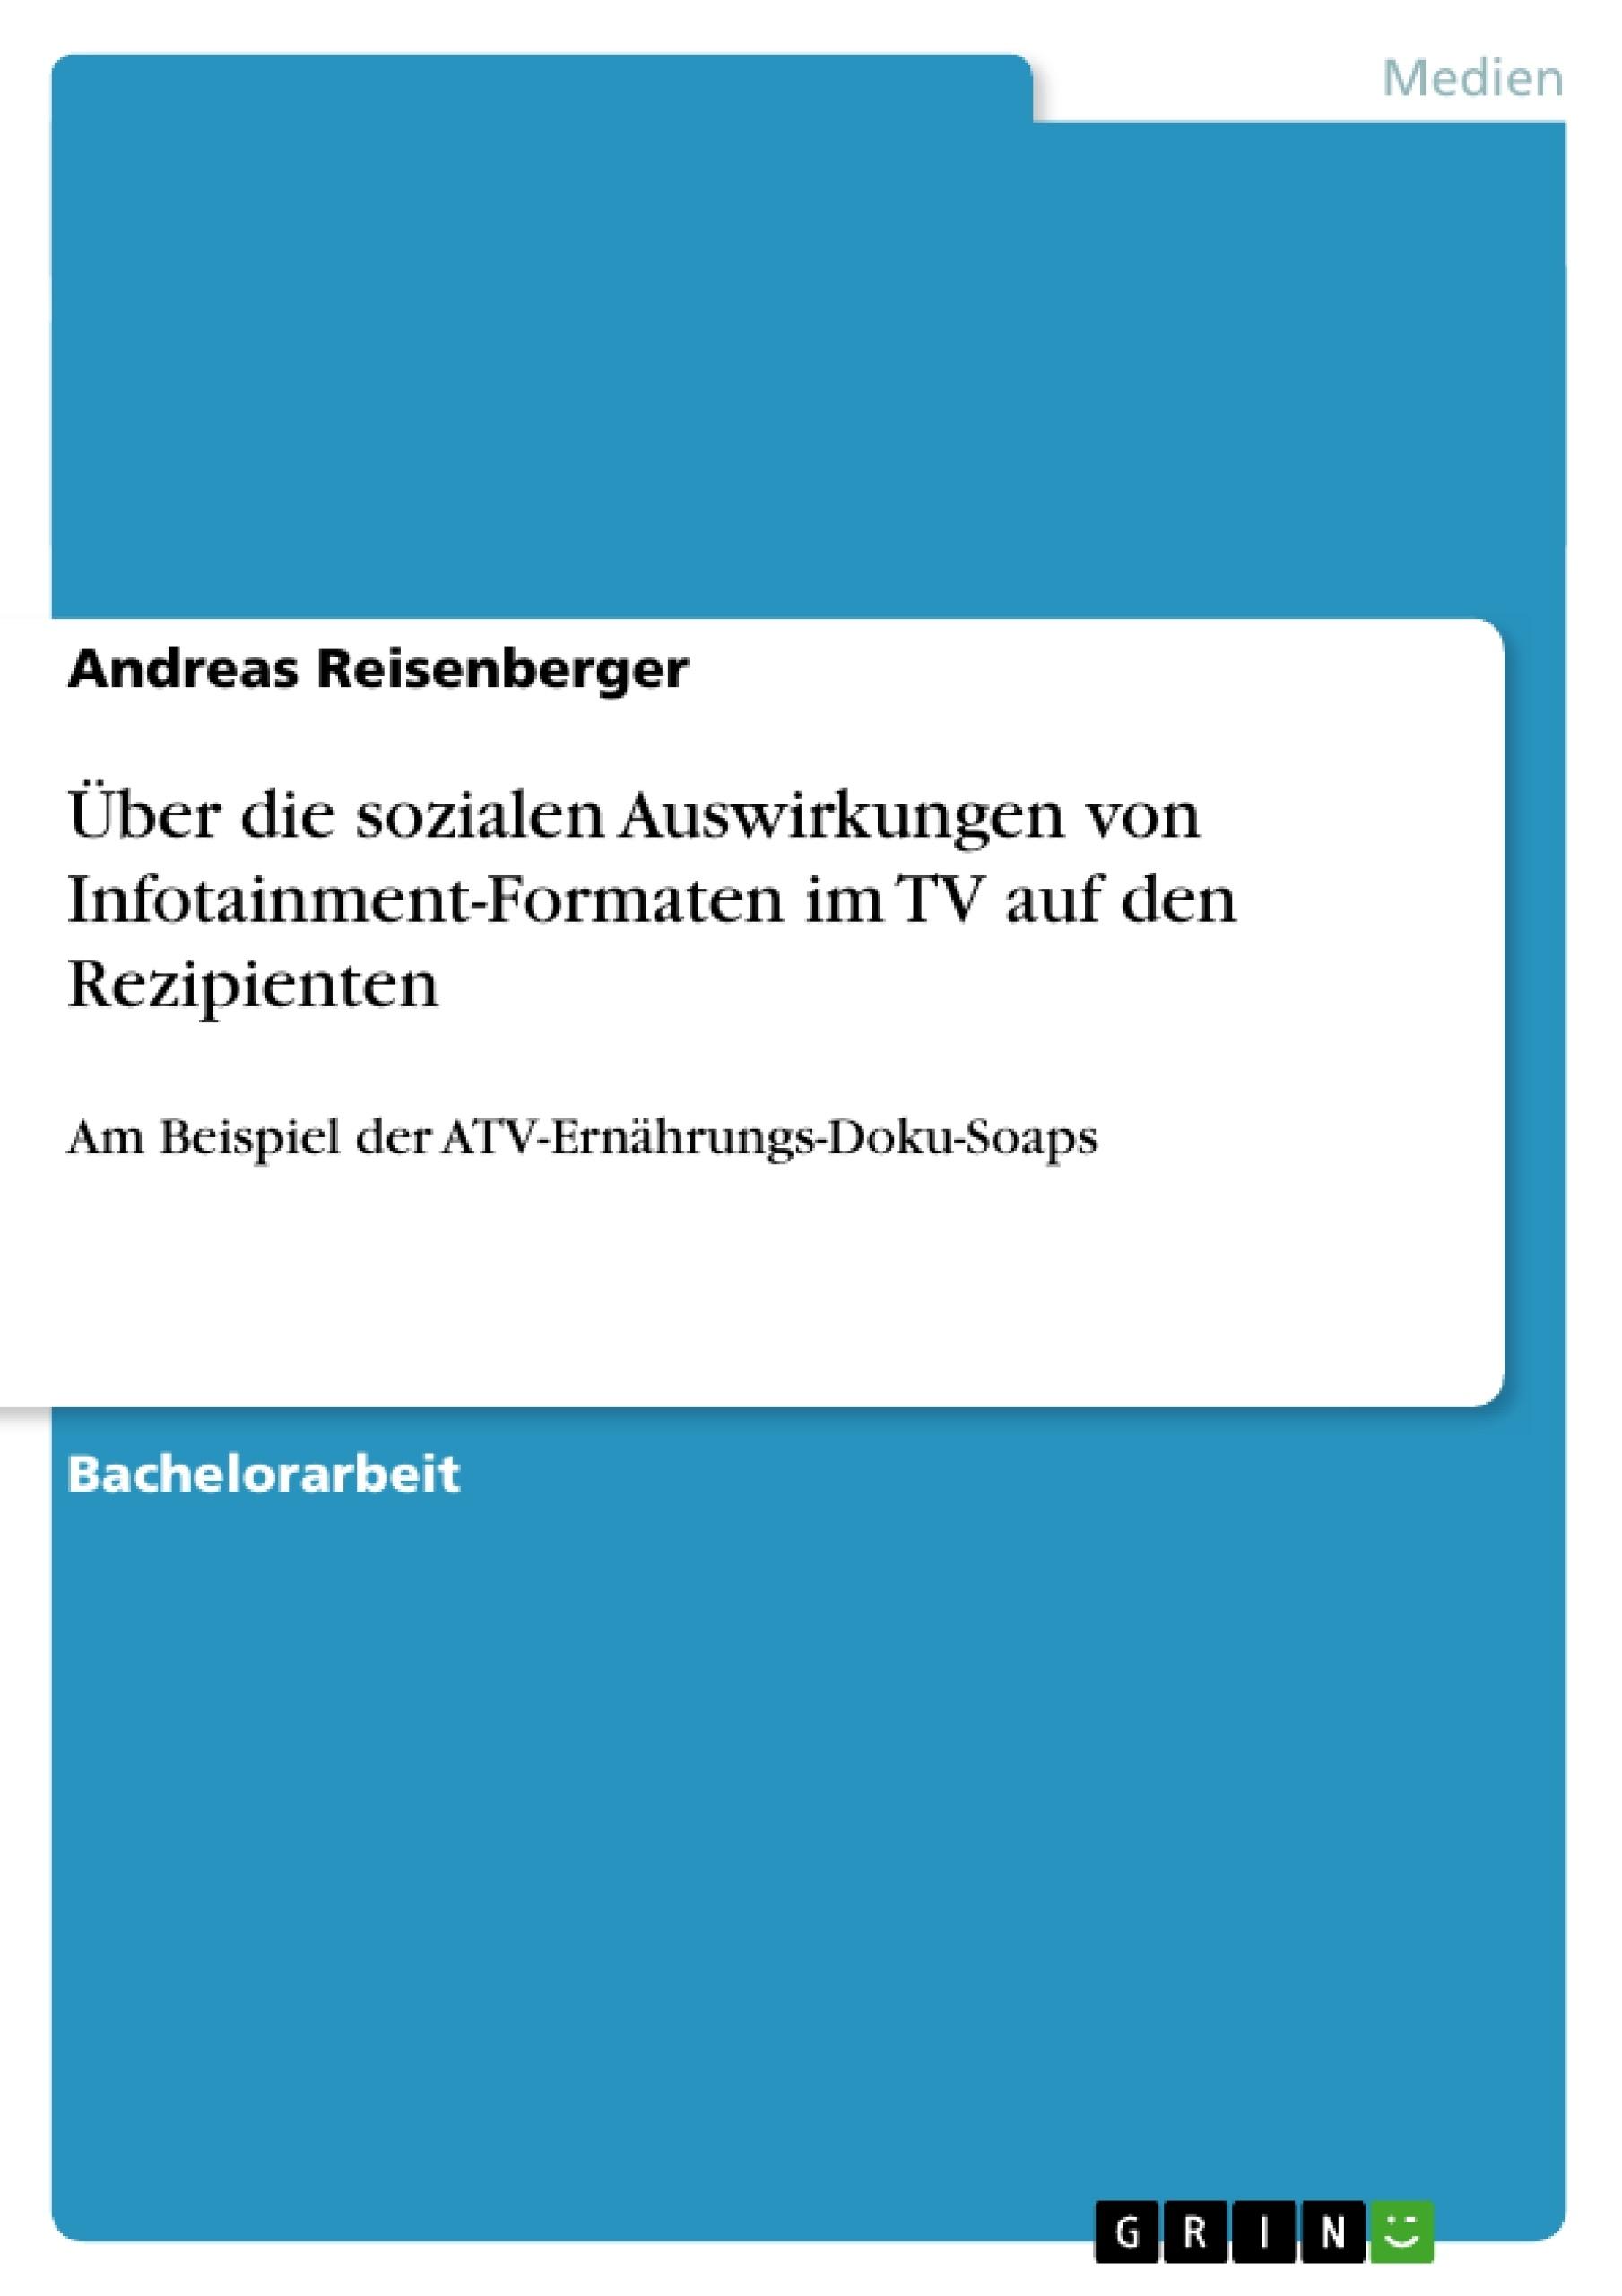 Titel: Über die sozialen Auswirkungen von Infotainment-Formaten im TV auf den Rezipienten